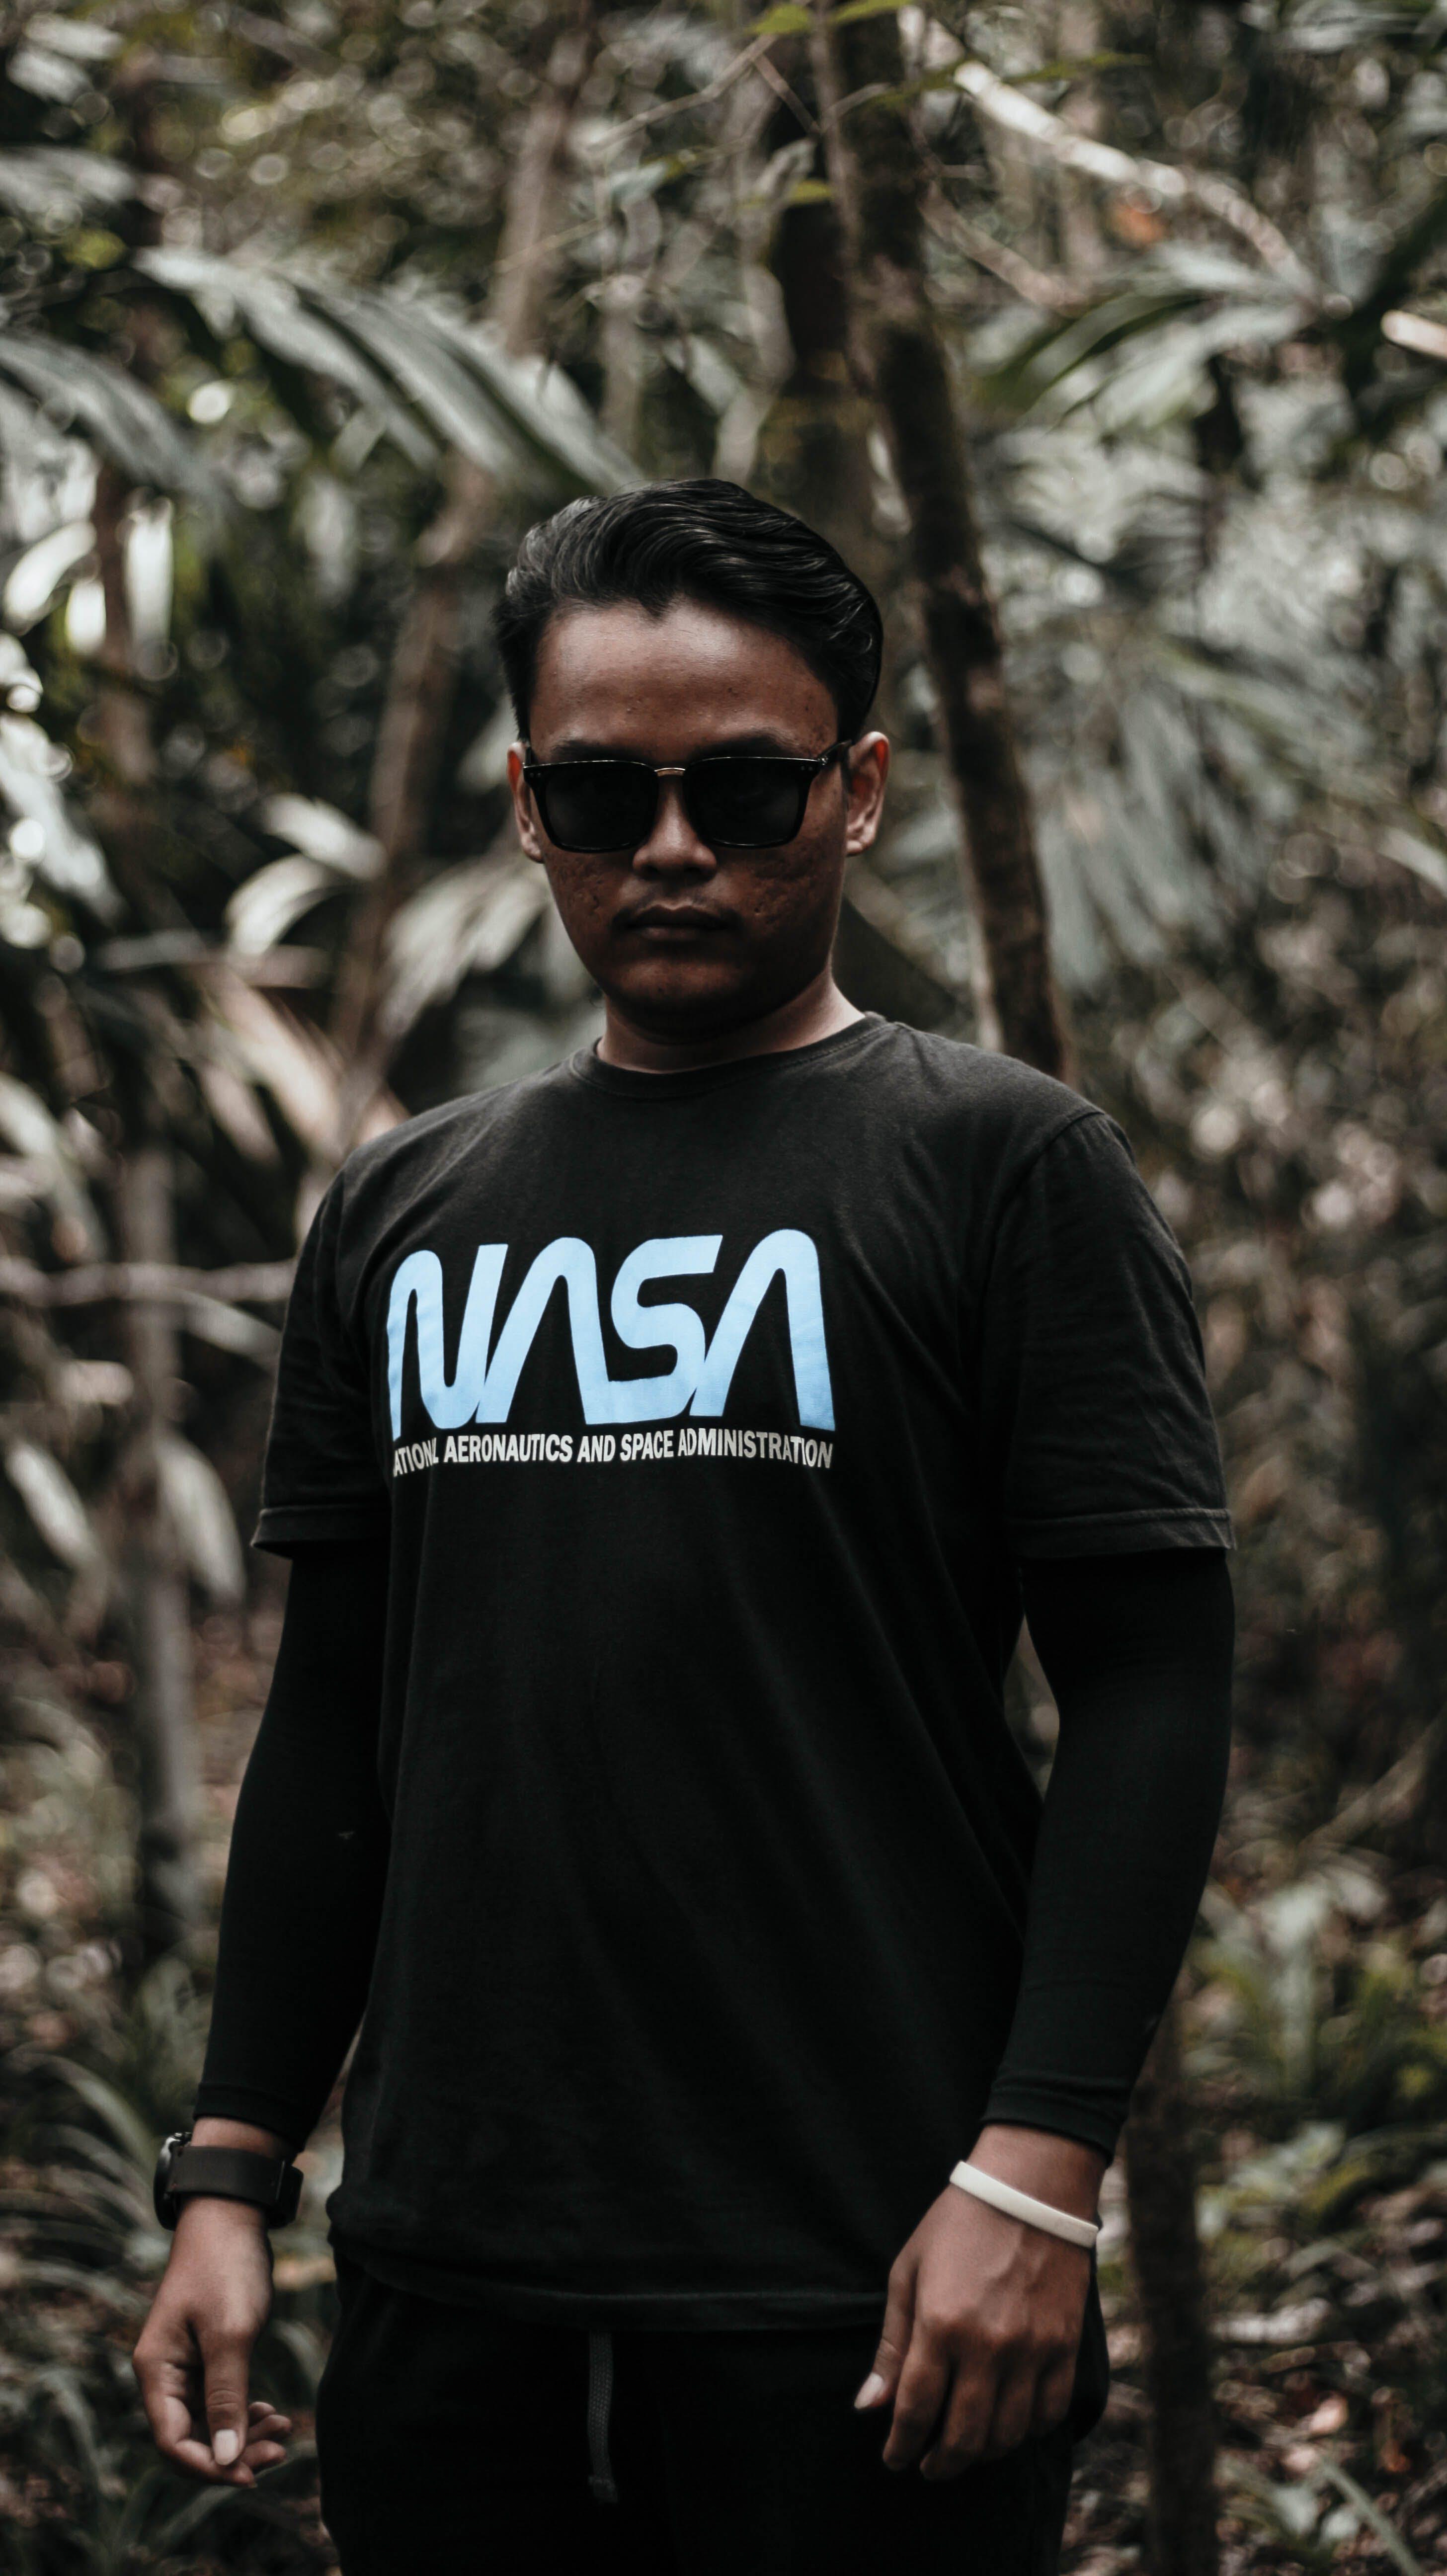 Man In Black Nasa Long-sleeved Shirt